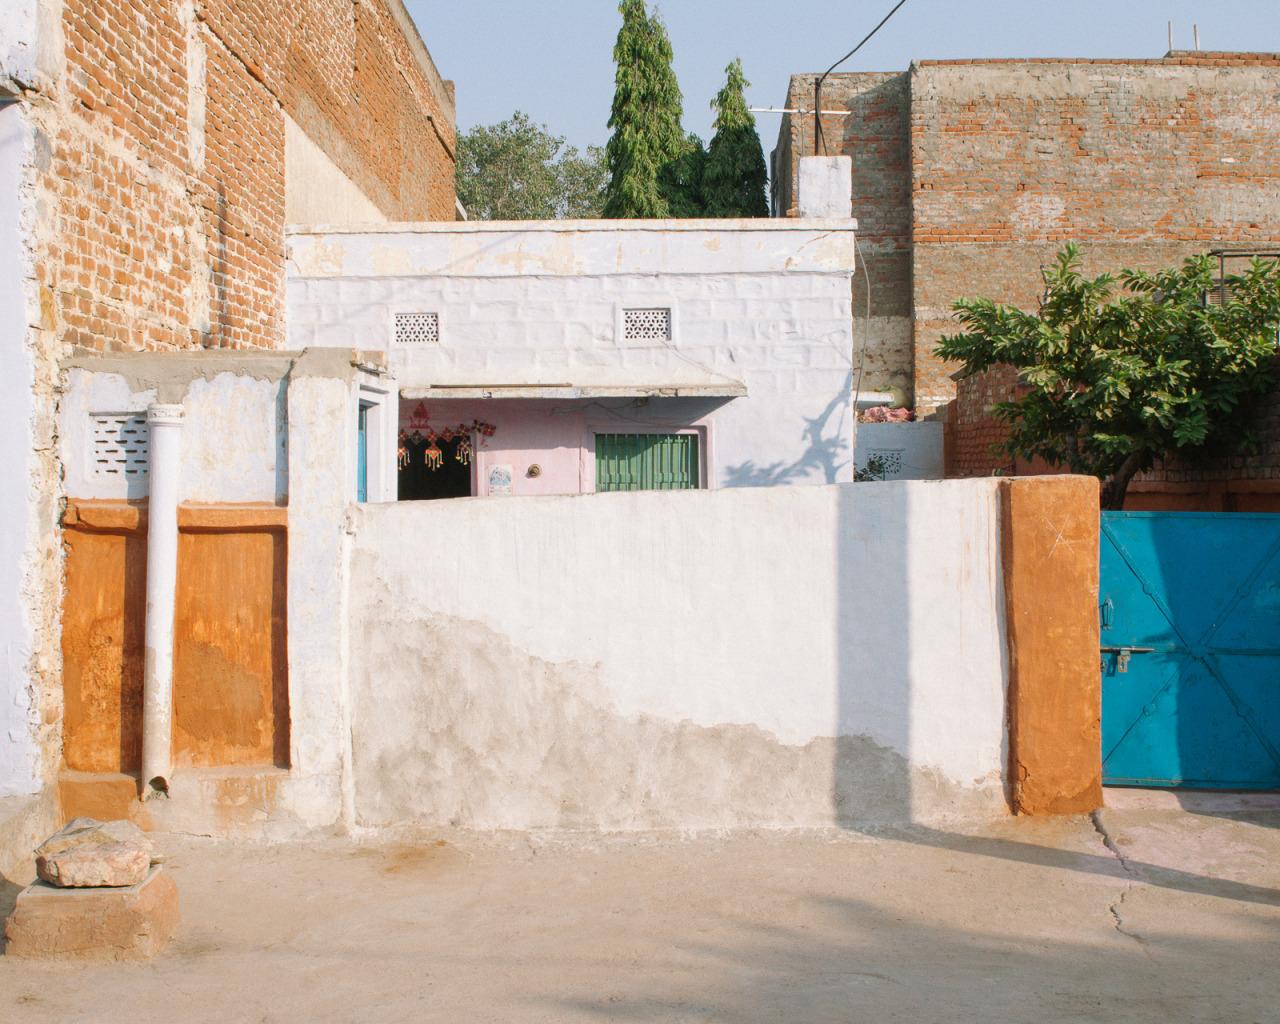 Suburbia - Jaipur, India